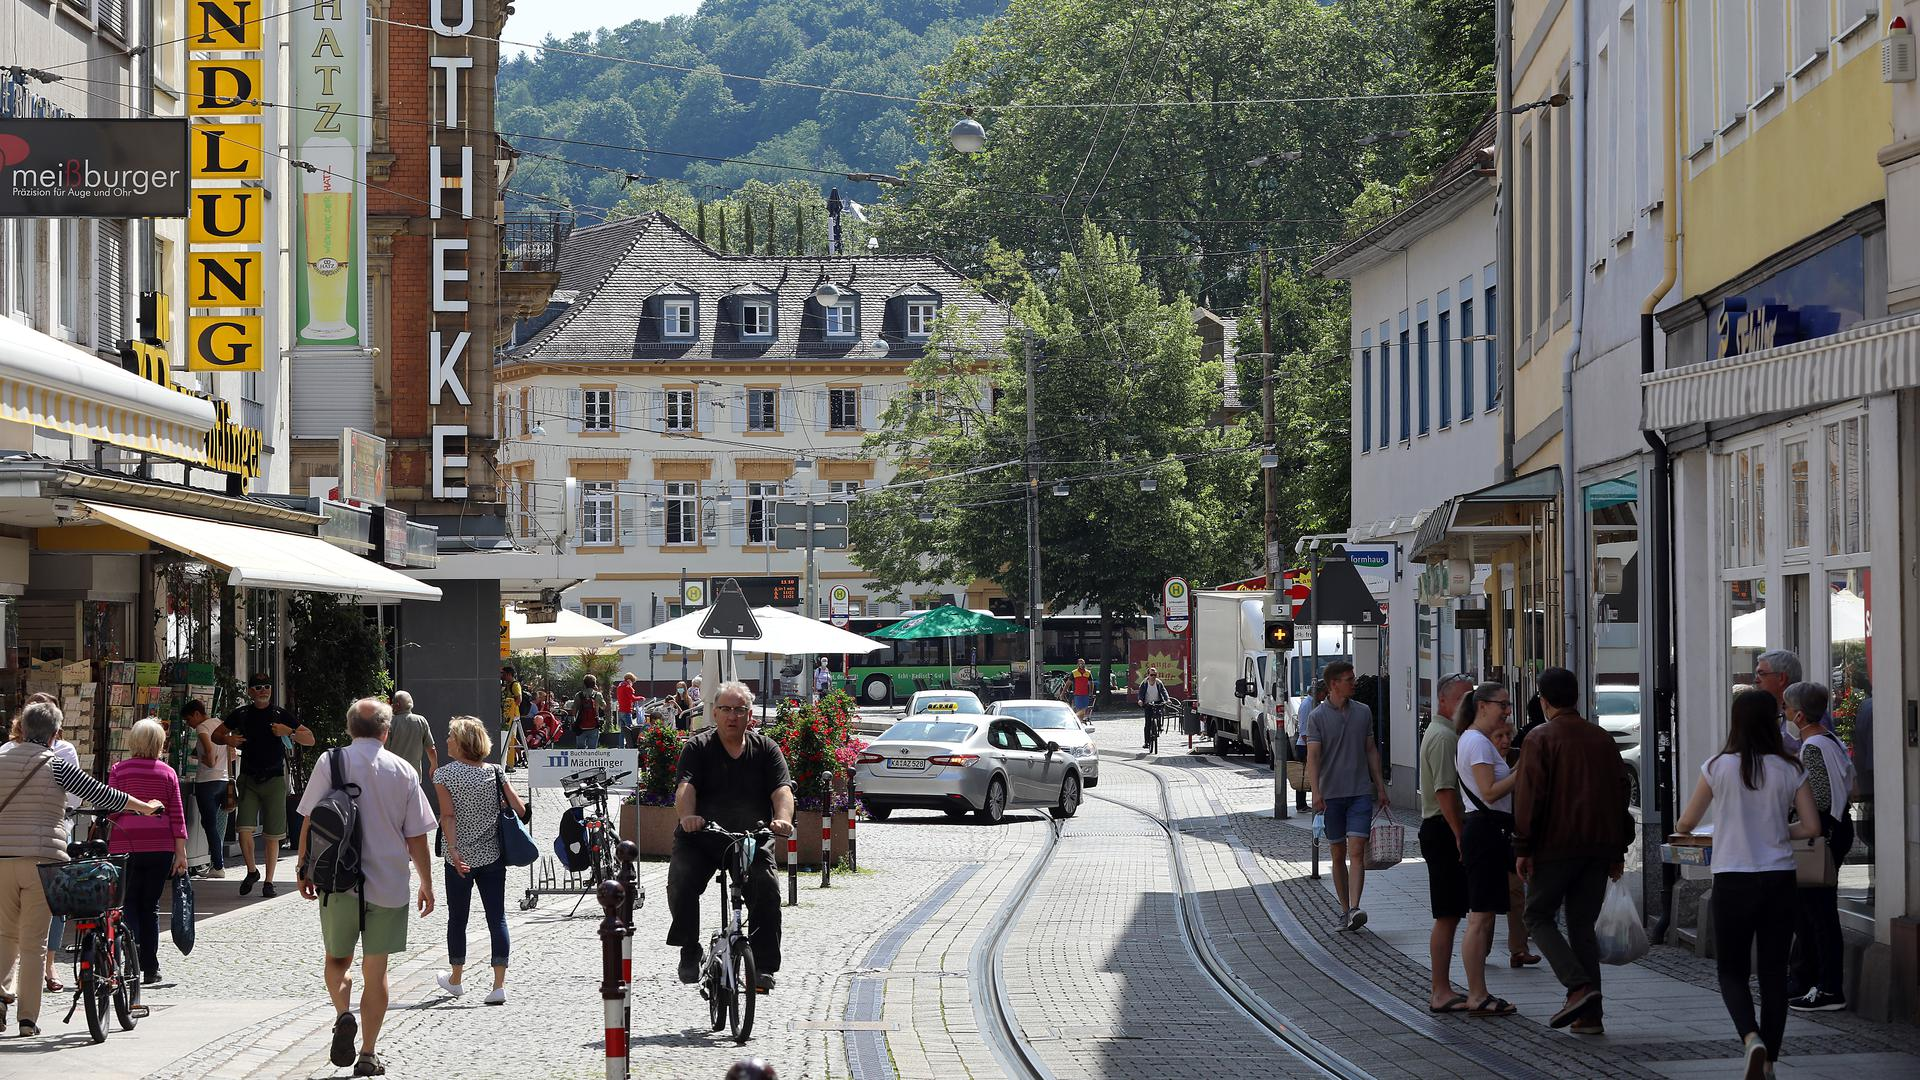 10.07.2021 Geplante Verlängerung der Fußgängerzone in Durlach bis zum Platz an der Karlsburg,                                                 -Copyright - Jodo-Foto /  Joerg  Donecker Sonnenbergstr.4  D-76228 KARLSRUHE TEL:  0049 (0) 721-9473285 FAX:  0049 (0) 721 4903368  Mobil: 0049 (0) 172 7238737 E-Mail:  joerg.donecker@t-online.de Sparkasse Karlsruhe  IBAN: DE12 6605 0101 0010 0395 50, BIC: KARSDE66XX Steuernummer 34140/28360 Veroeffentlichung nur gegen Honorar nach MFM zzgl. ges. Mwst.  , Belegexemplar und Namensnennung. Es gelten meine AGB.